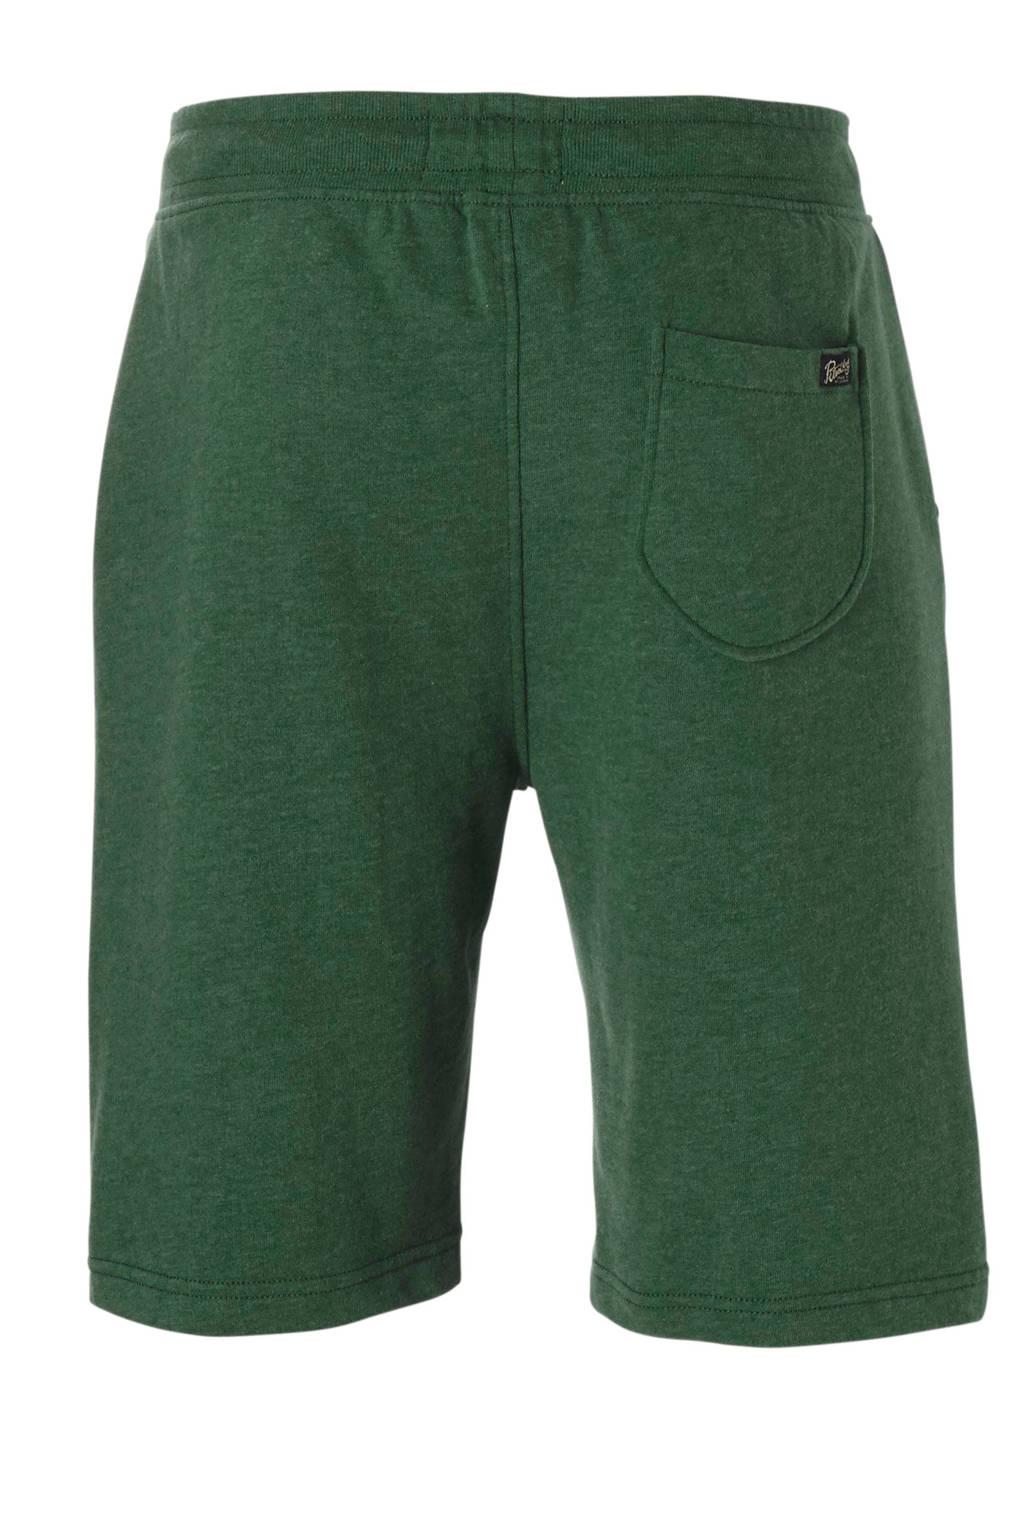 Petrol Industries gemêleerde regular fit sweatshort groen, Groen